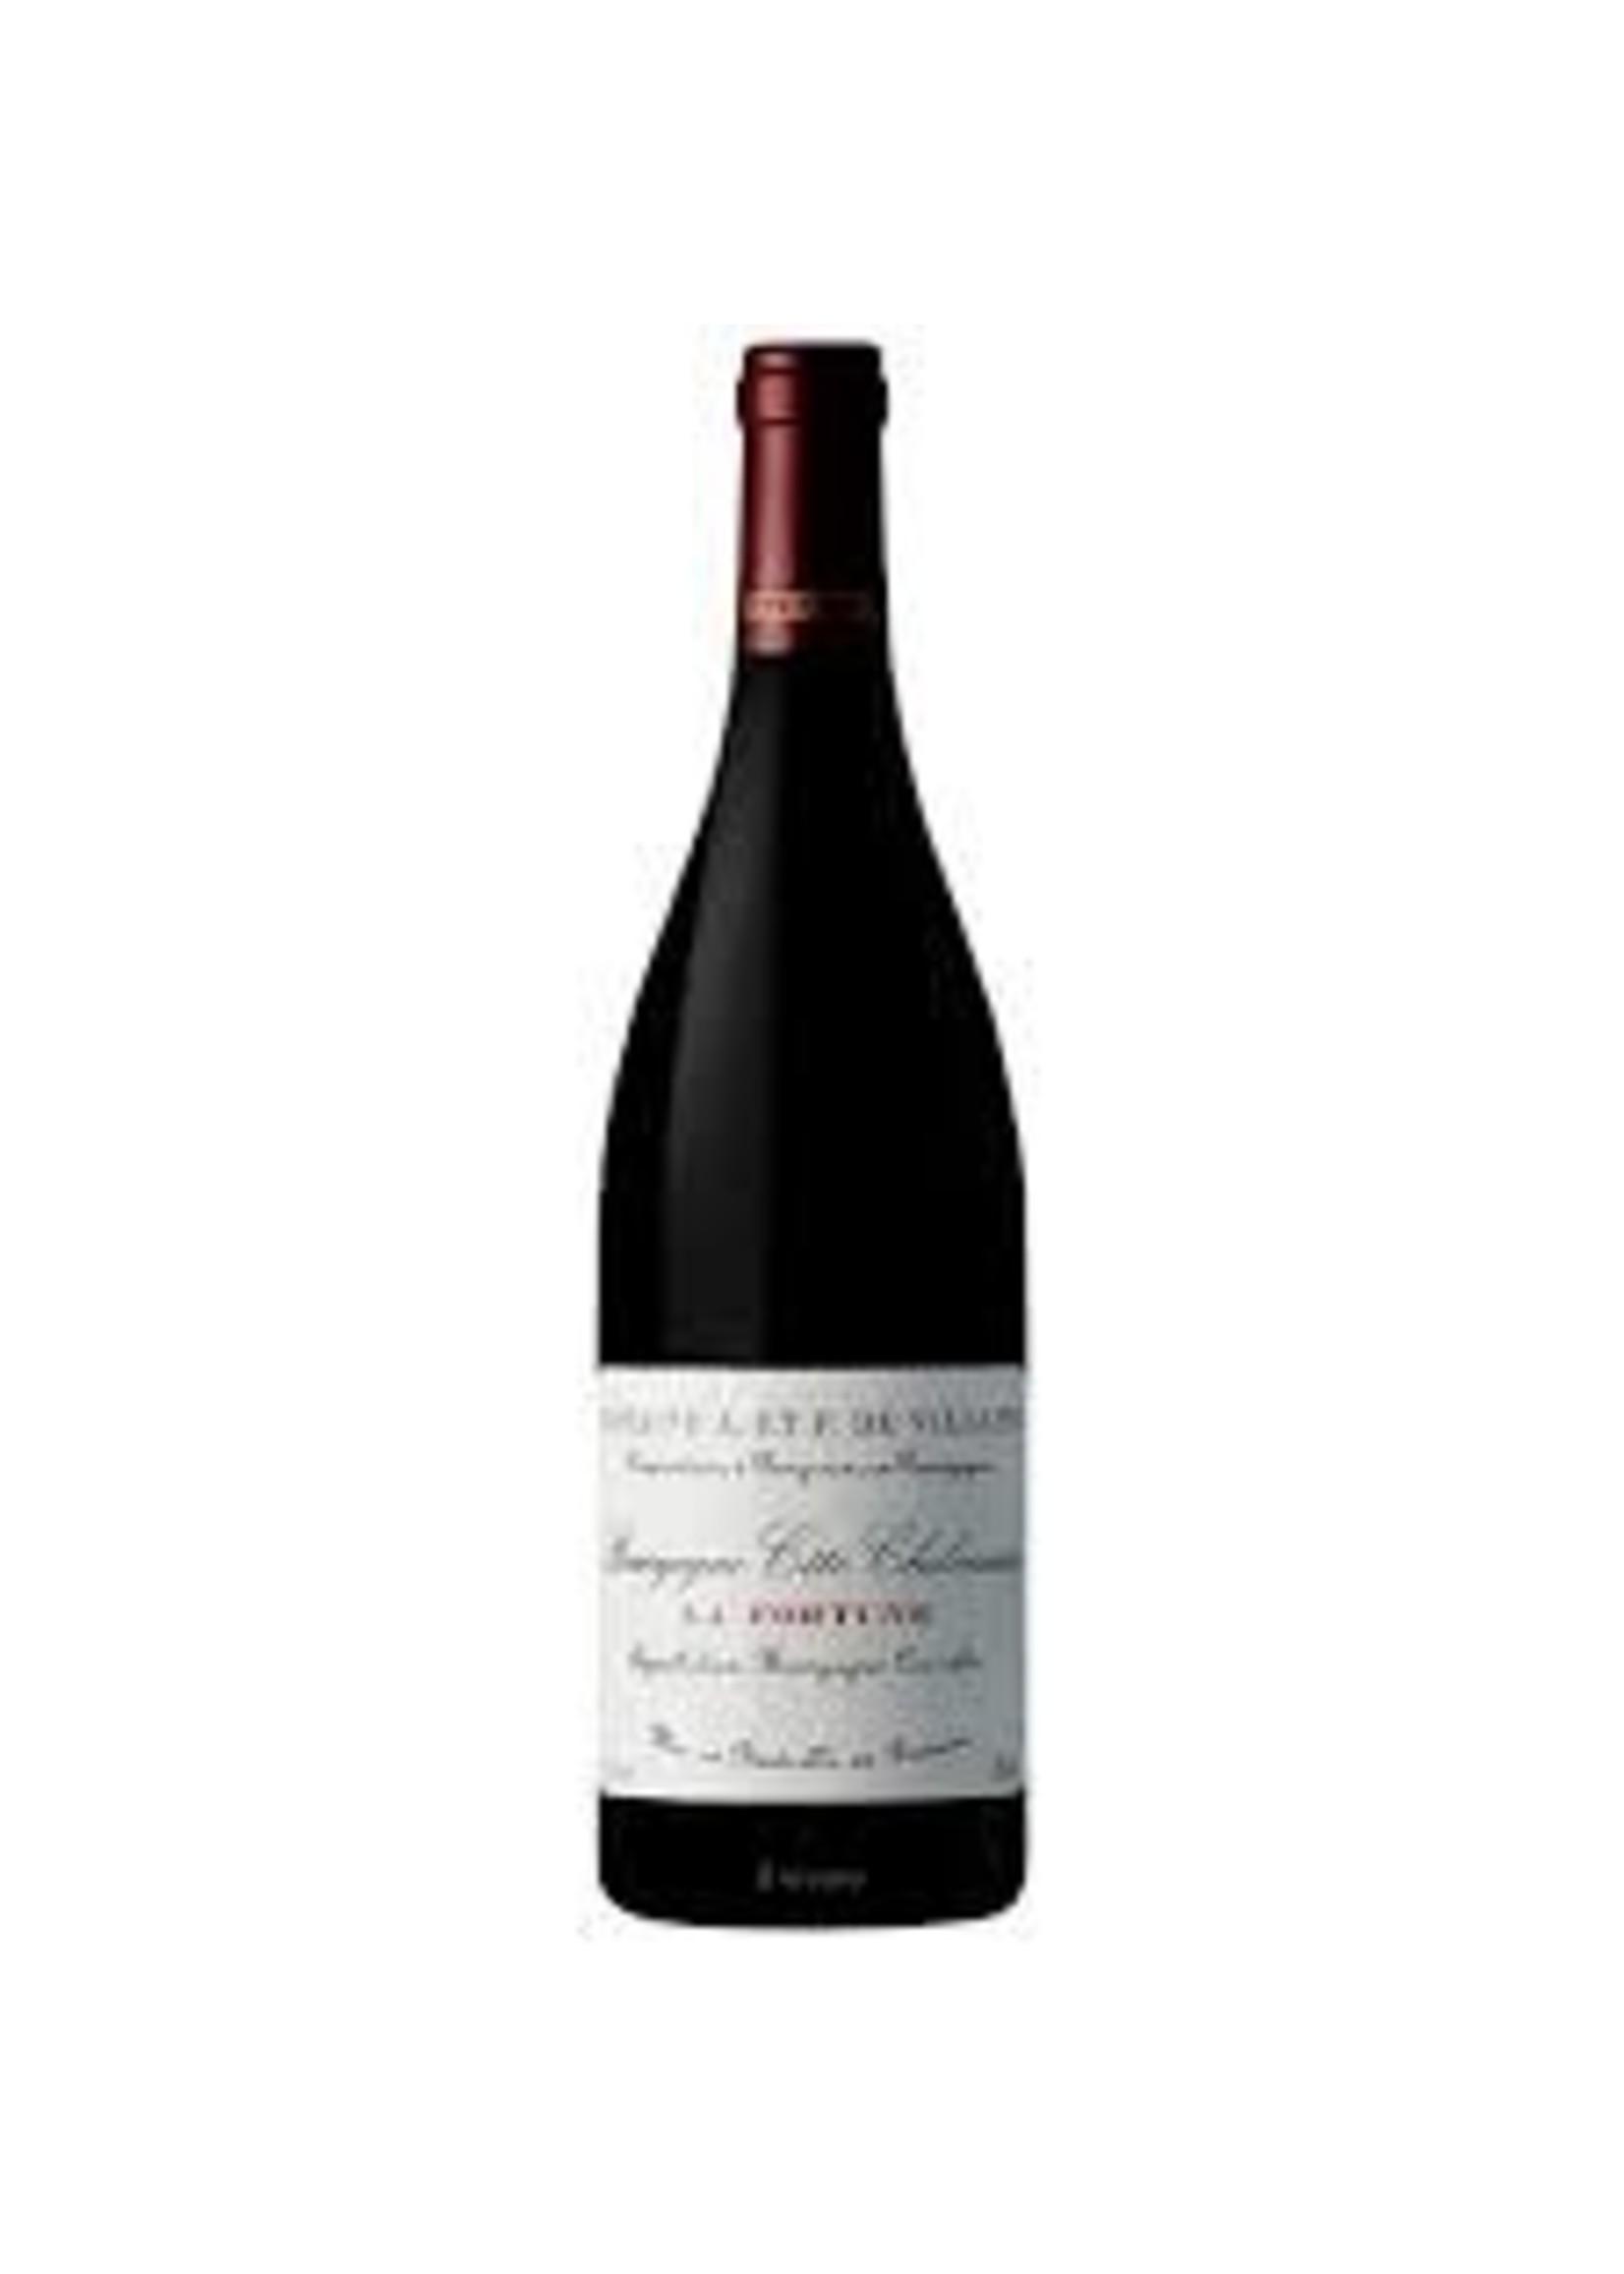 Domaine A.P. de Villaine 2018 Bourgogne Rouge Fortune 750ml